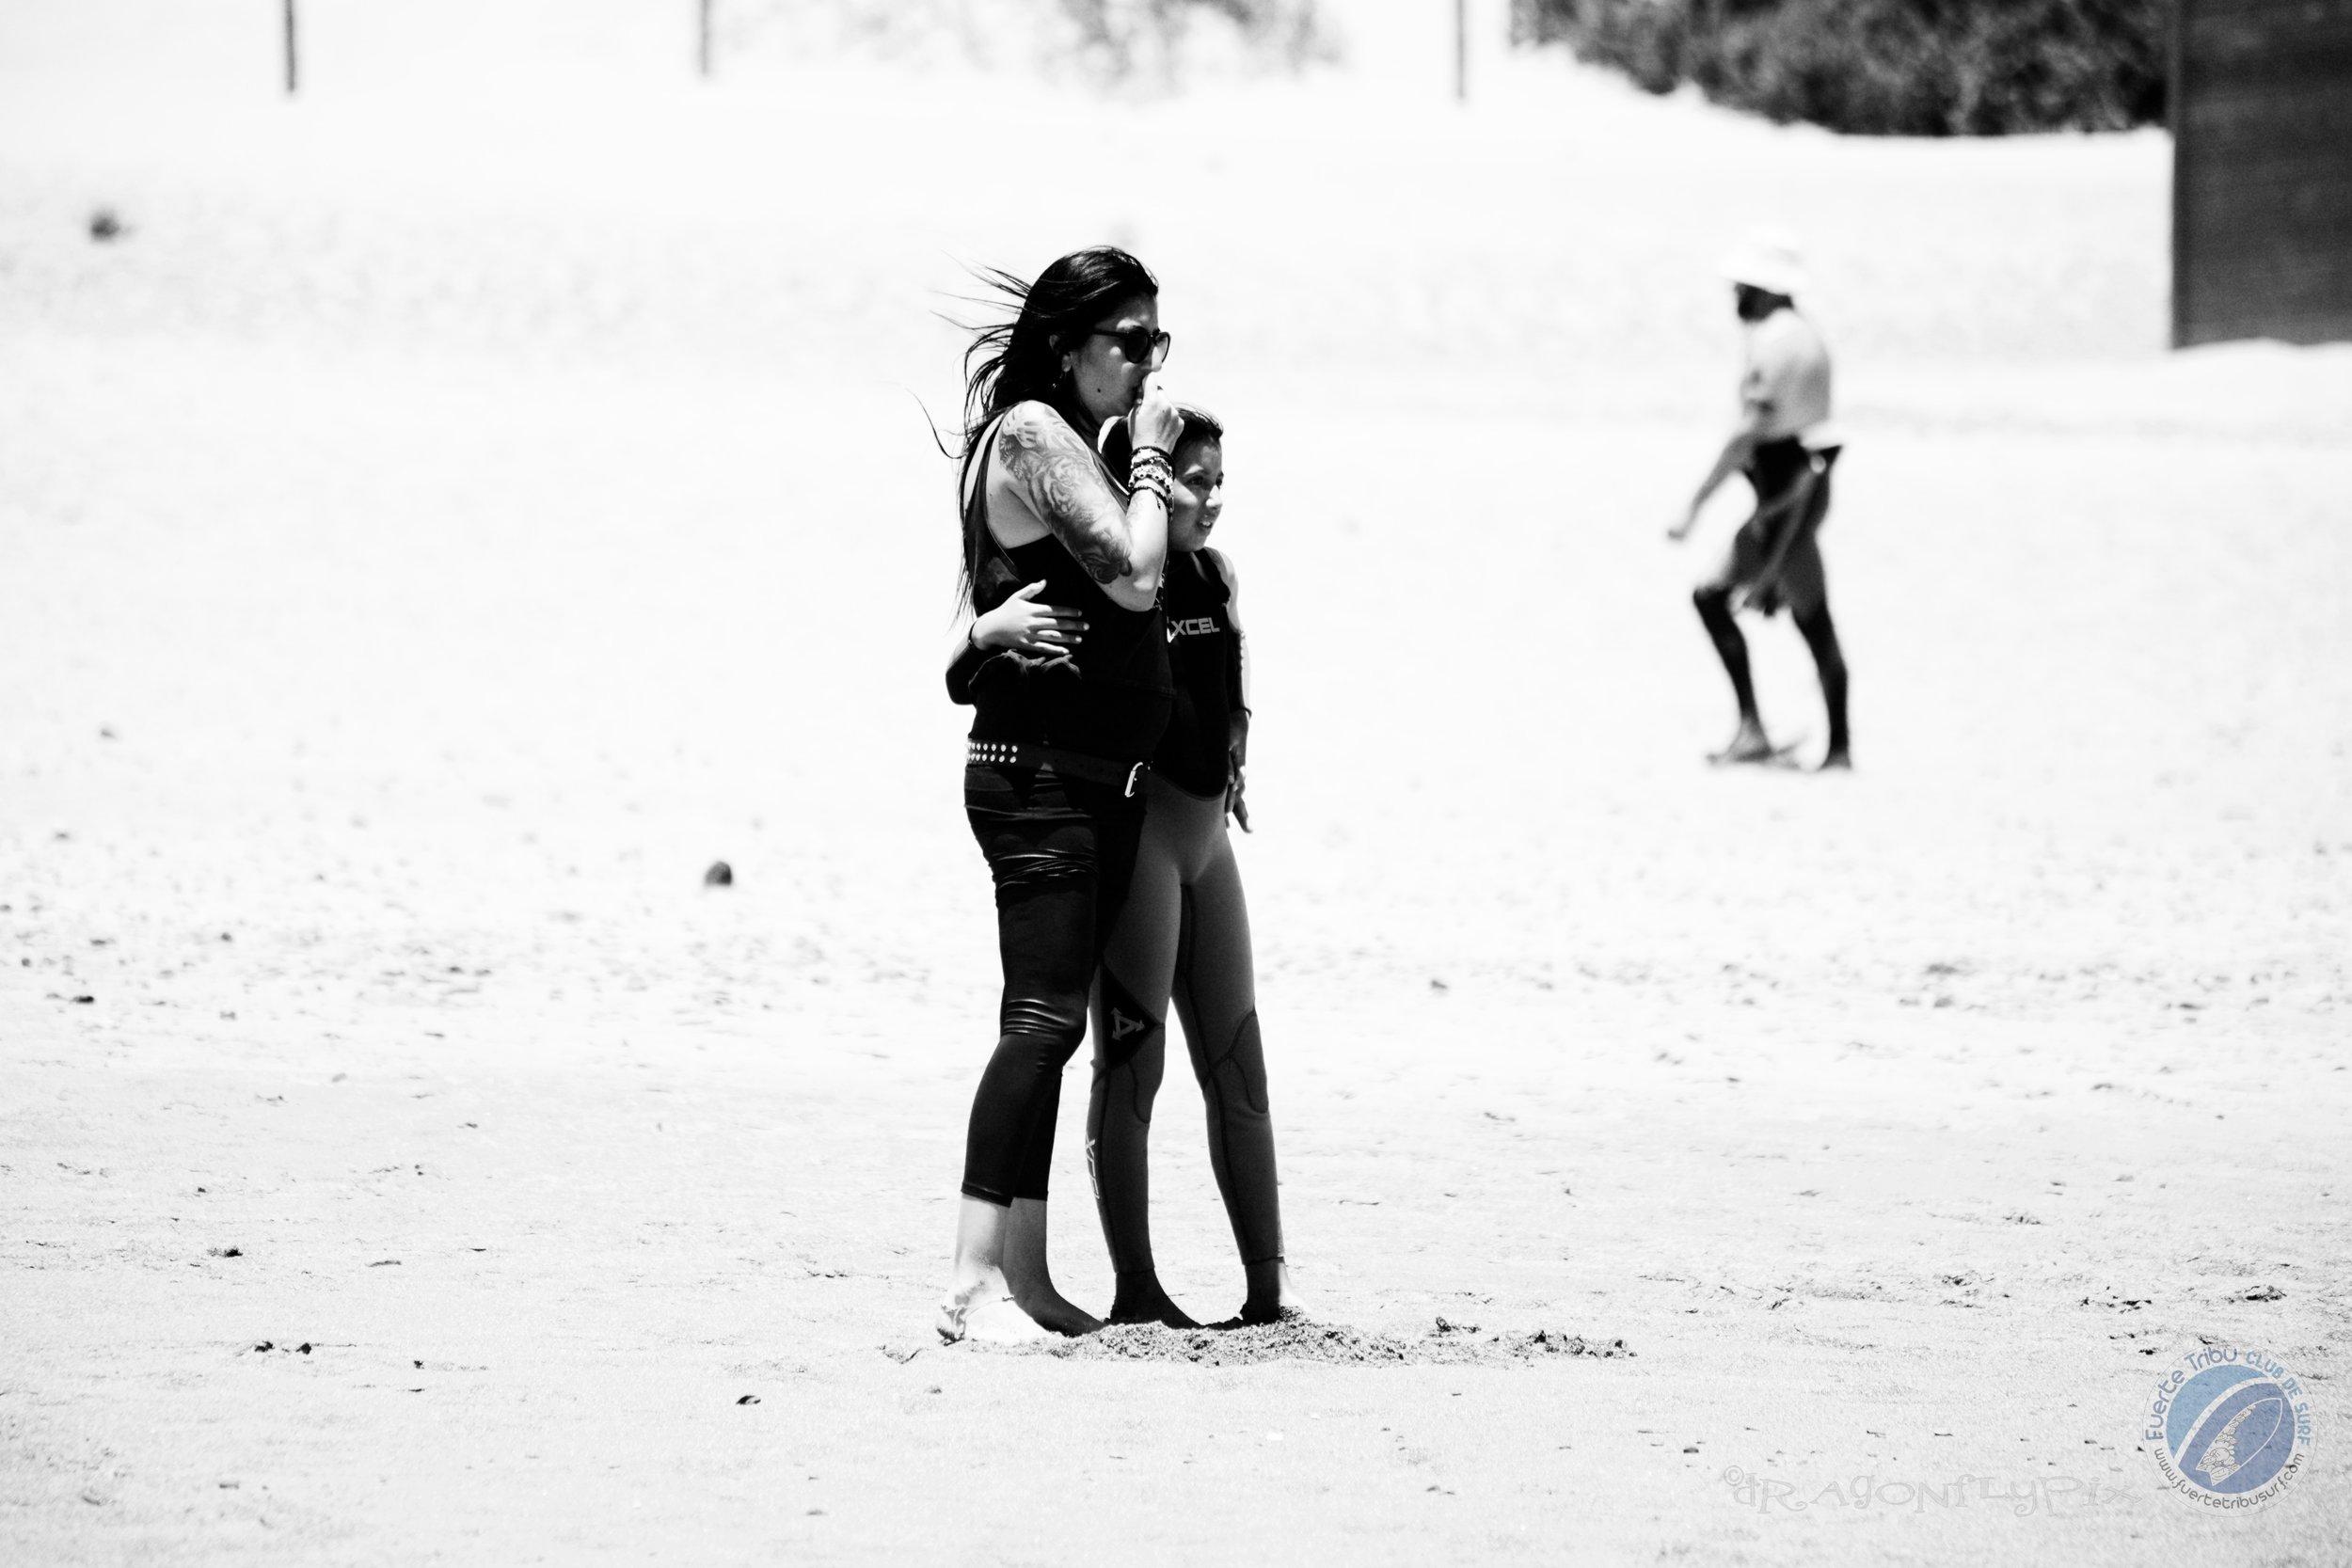 FUERTETRIBU_INTRACLUB_SURF_CAMPEONATO_KIDSIMG_0809.jpg